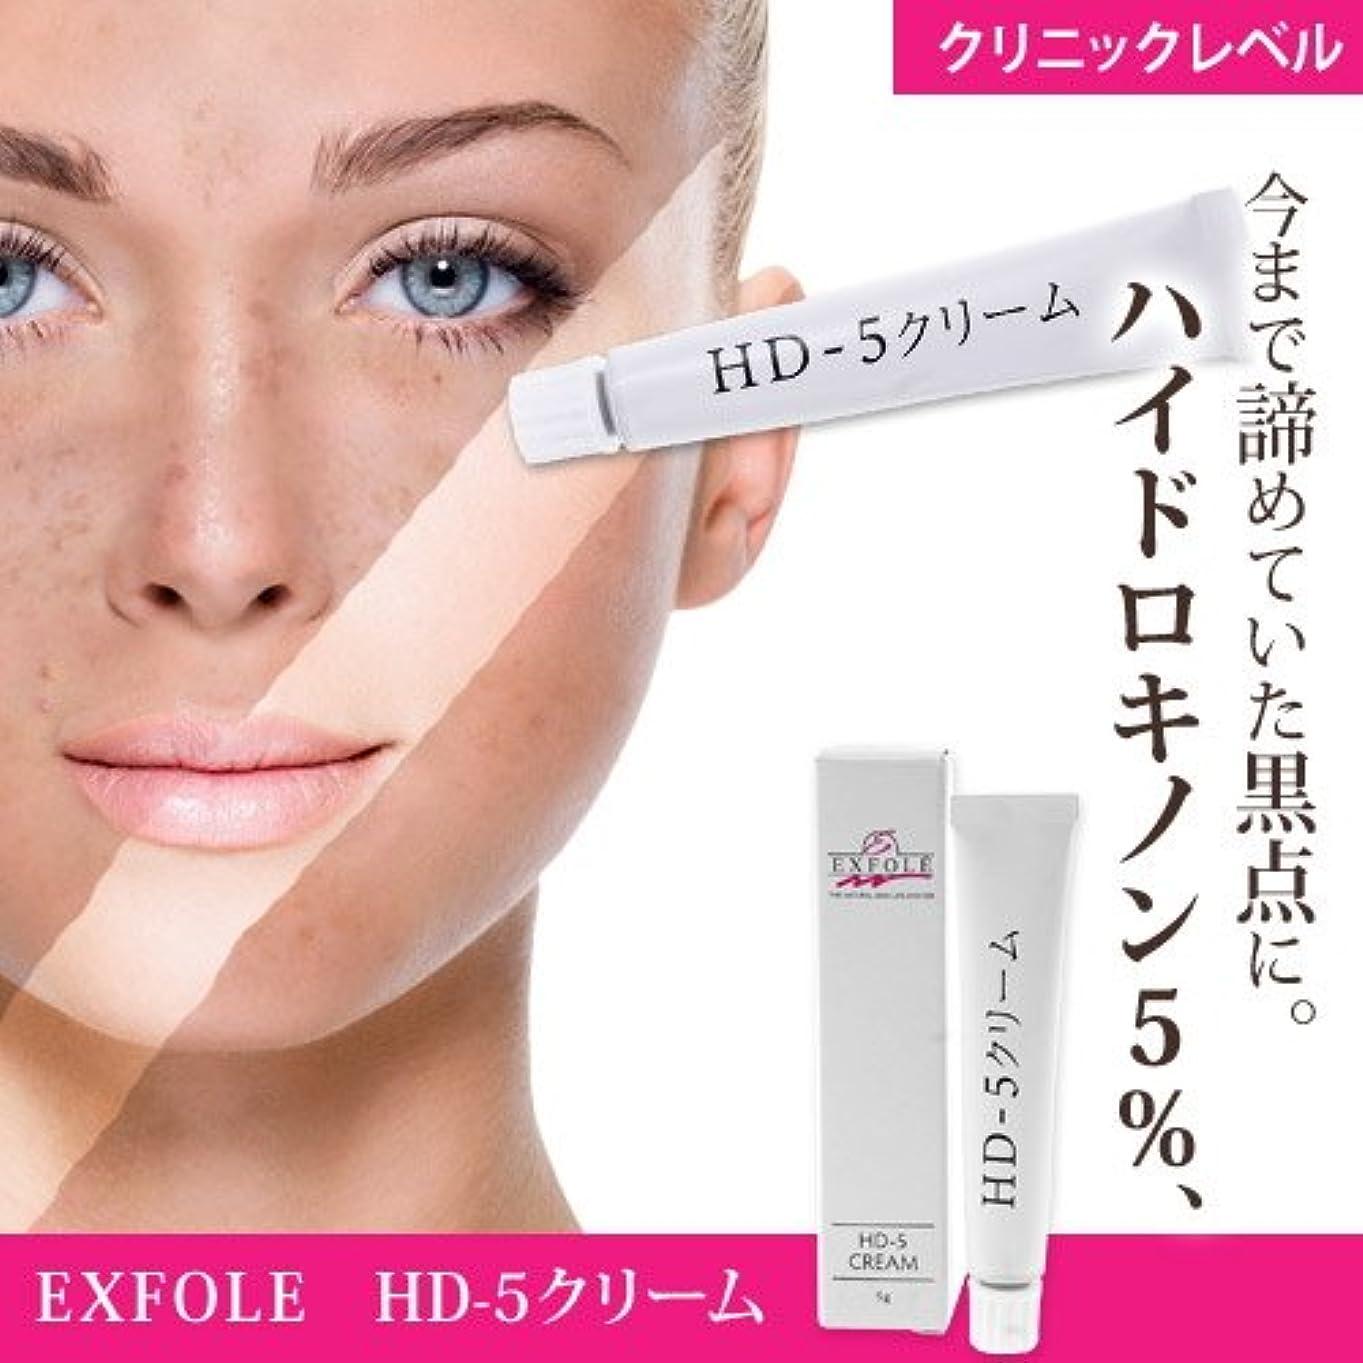 あからさま新鮮な方法論EXFOLE HD-5クリーム5g 3本セット